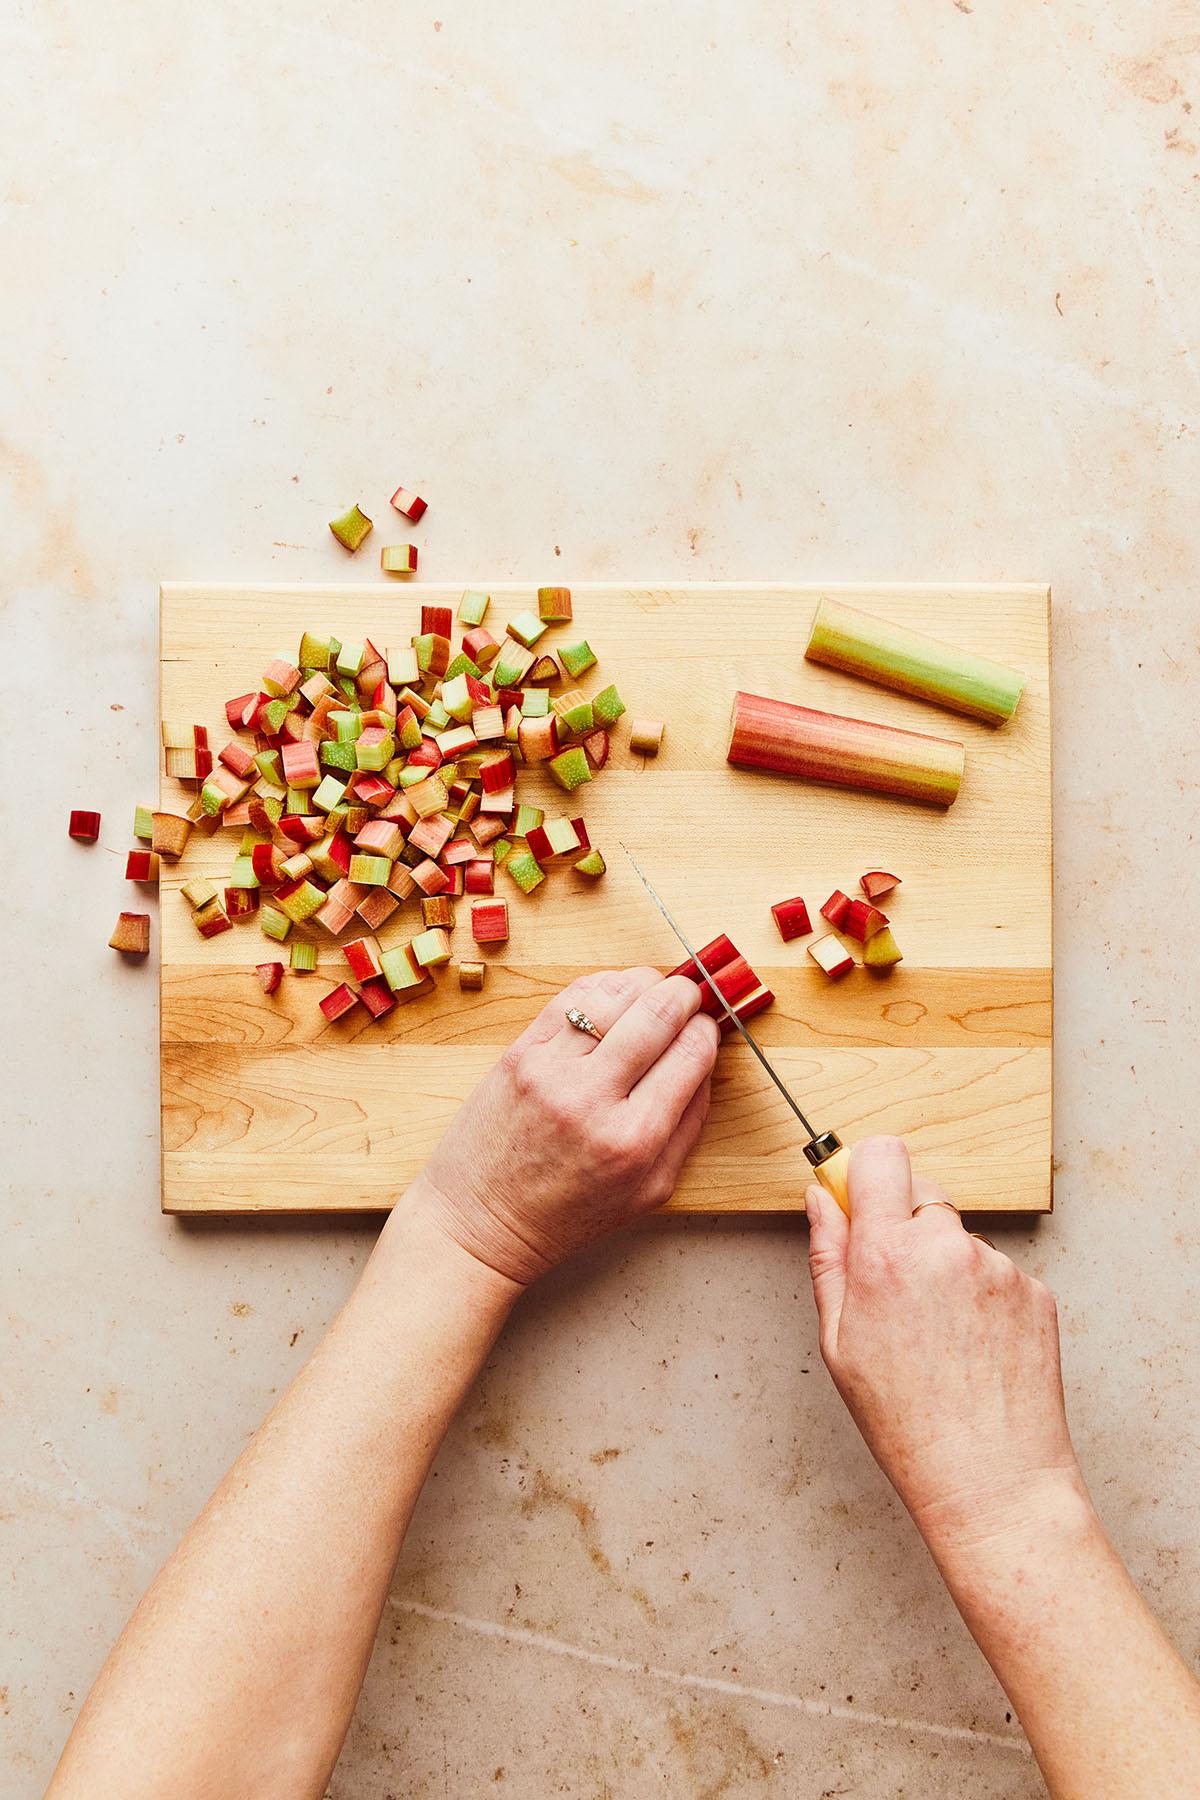 Hands chopping fresh rhubarb on a wooden cutting board.